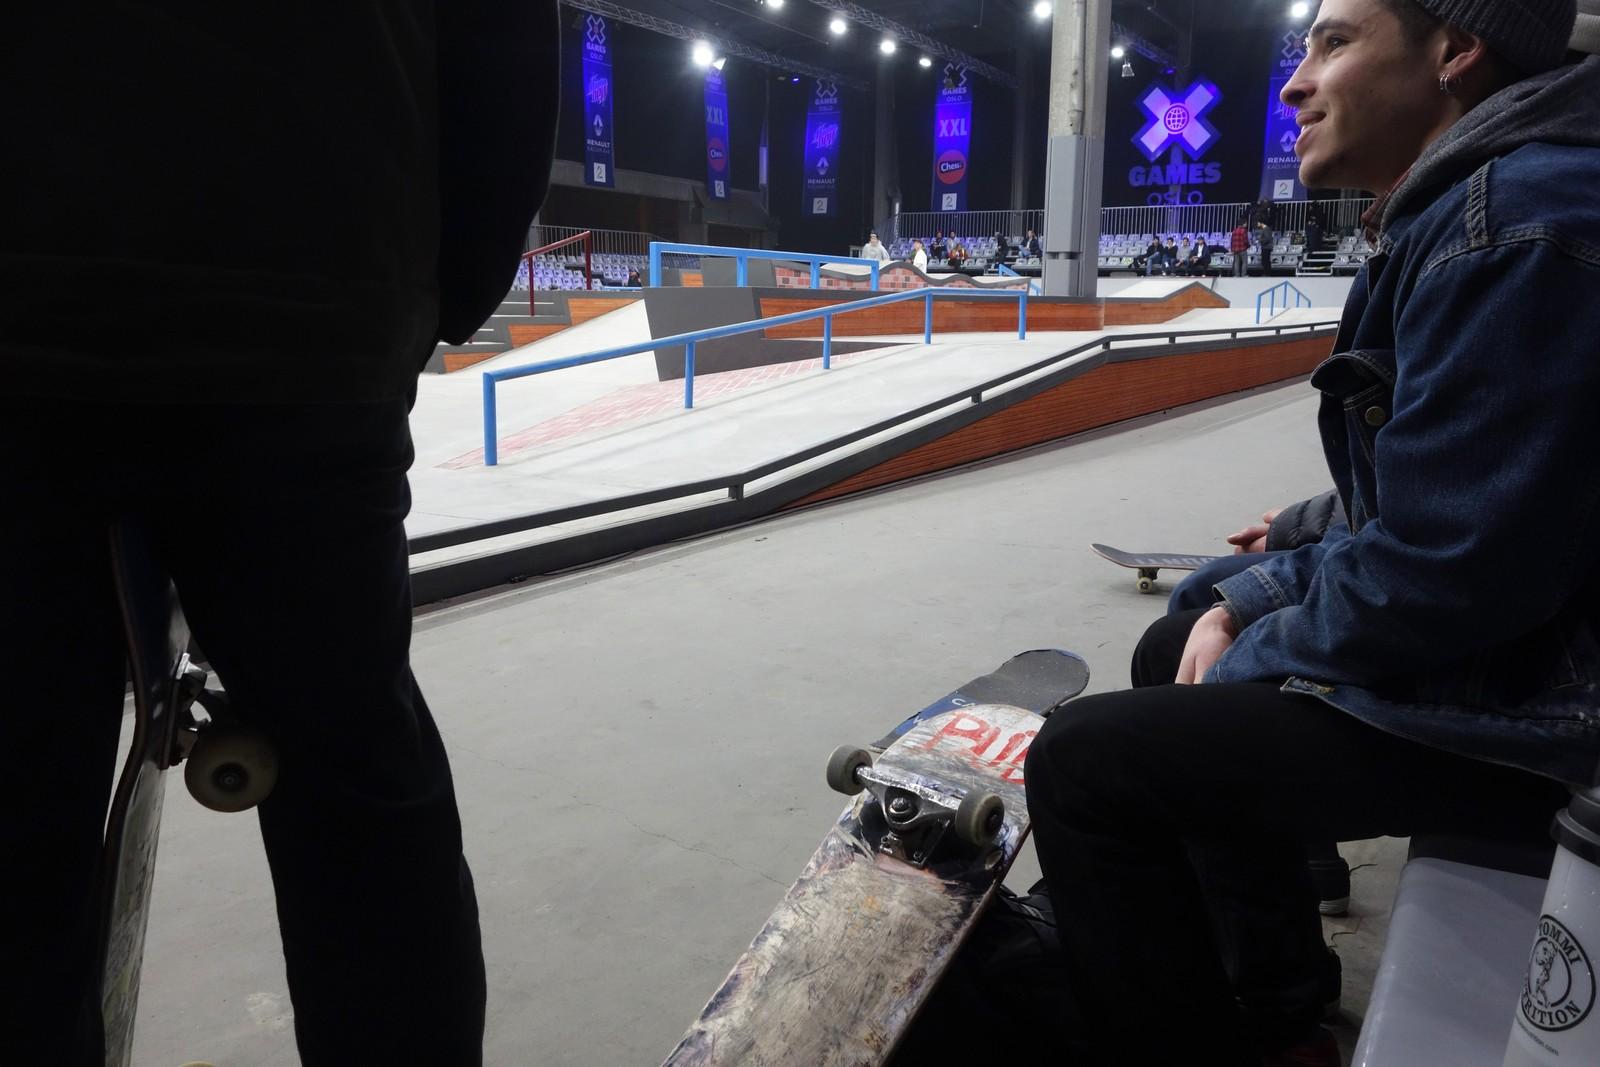 Skateparken i Skur 13 er i såkalt street skate-stil. Det vil si at elementene utøverne bruker likner på rekkverk, benker og trapper. I parken som åpner på Voldsløkka til høsten blir det også andre stiler som park og vert.